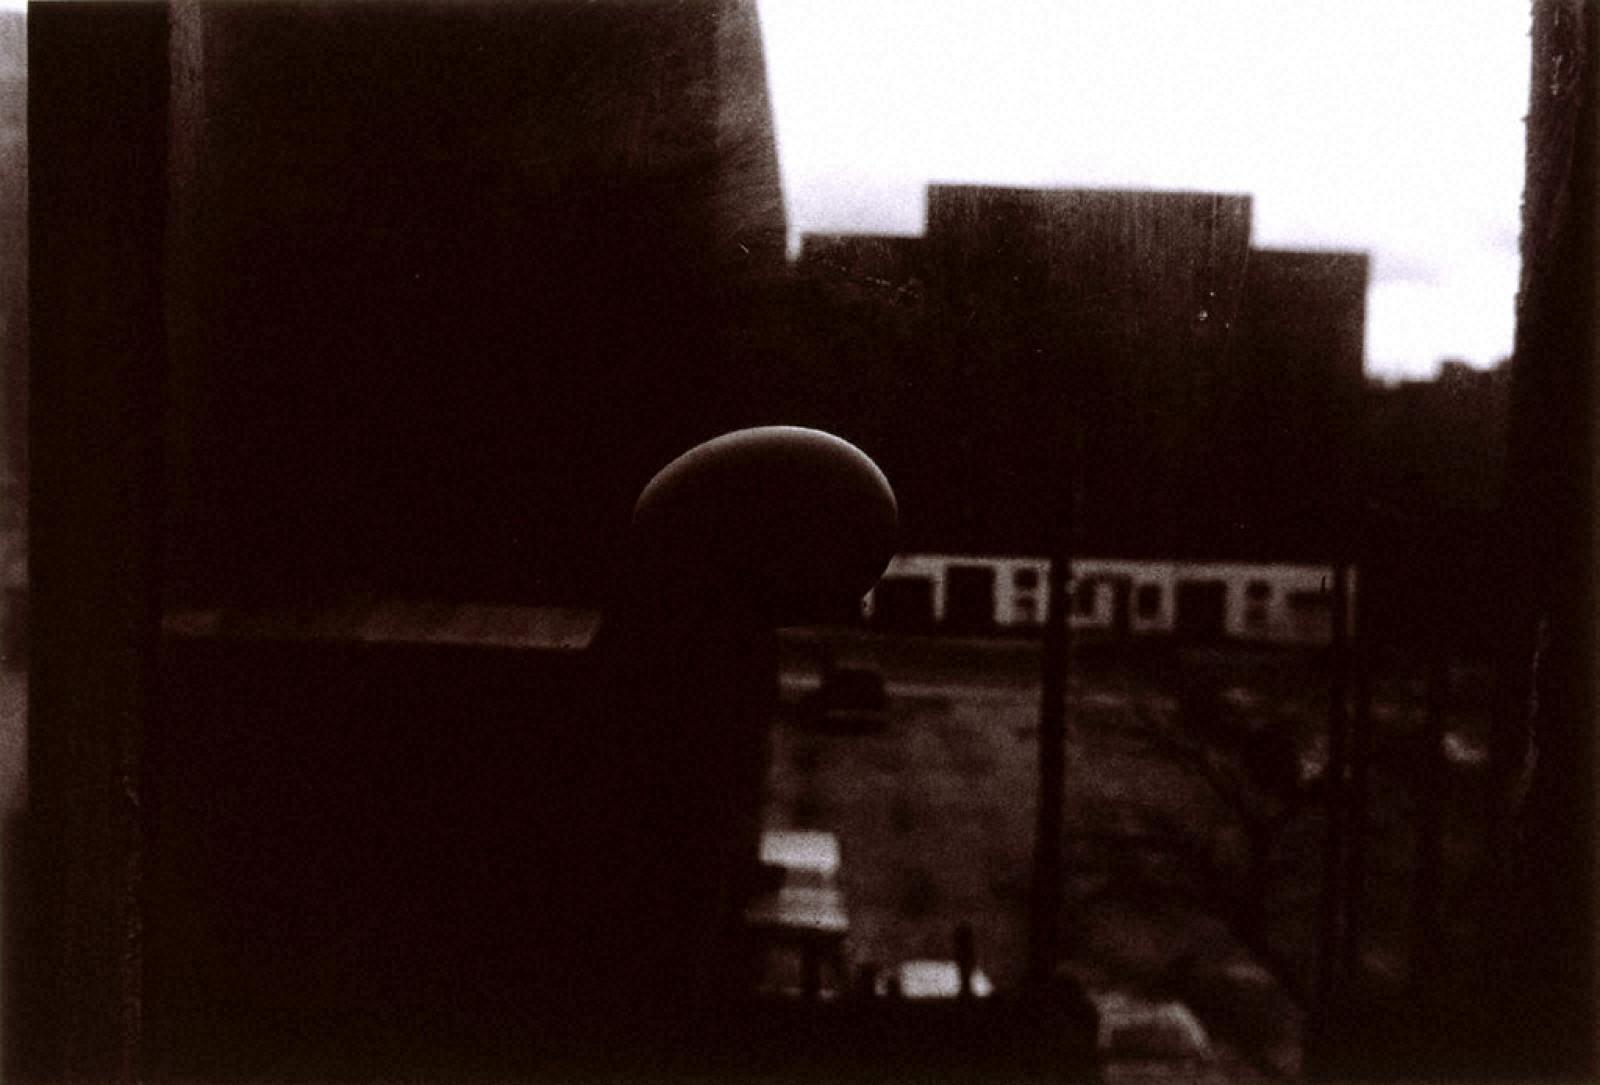 [Jun SHIRAOKA Photographs 1970-1998]米国、ニュ-ヨ-ク市(46丁目西446、アパート8号、ニューヨーク市)、1974年3月